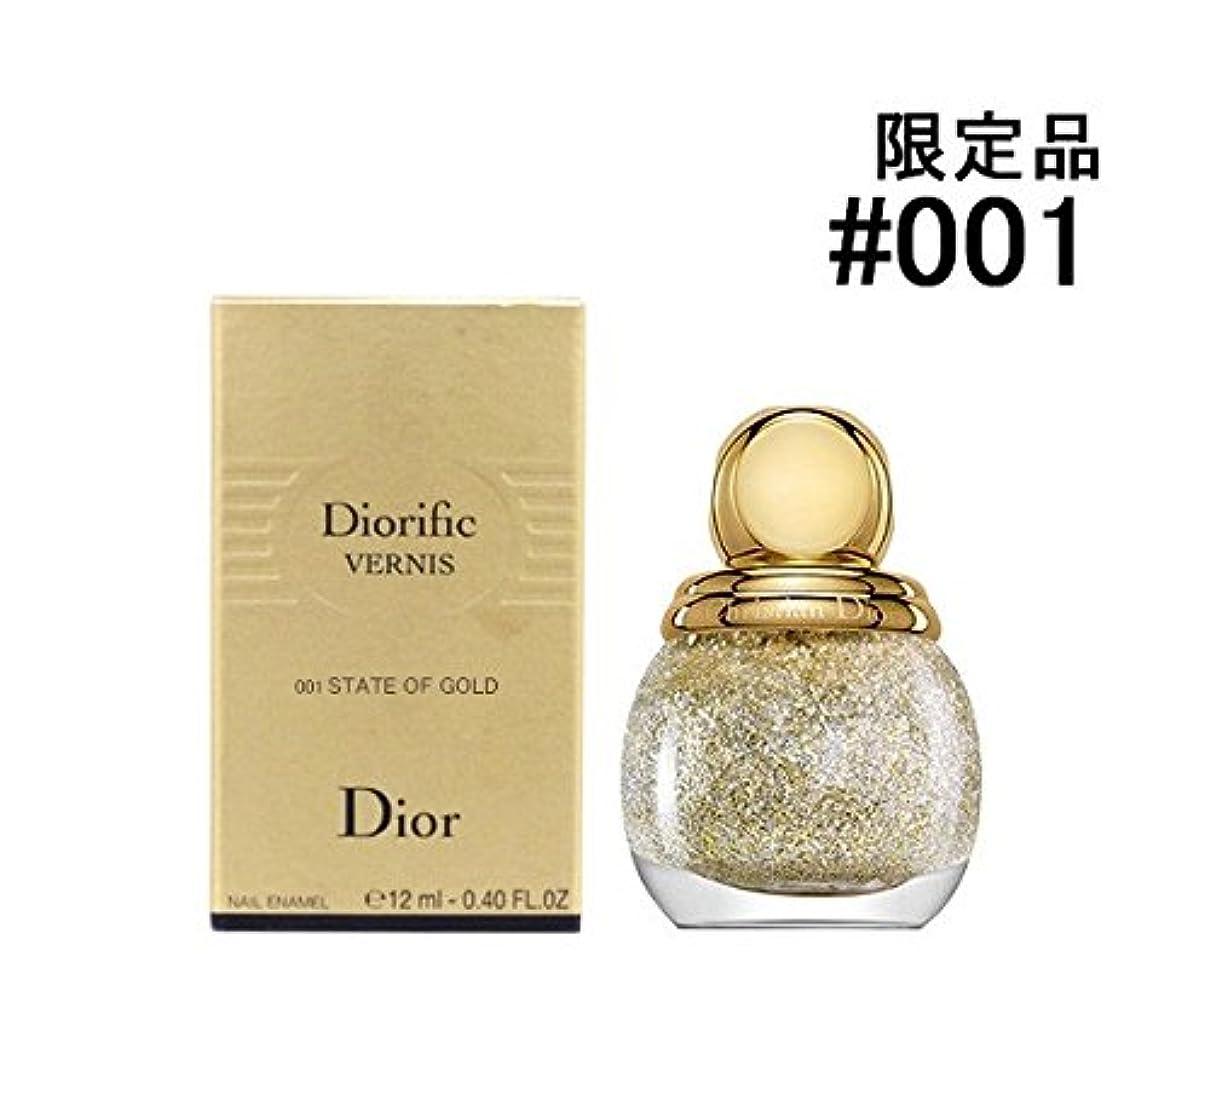 ラウンジ構想する軽蔑Dior ディオール ヴェルニ ディオリフィック【限定品】12ml (#001 ステート オブ ゴールド) [並行輸入品]